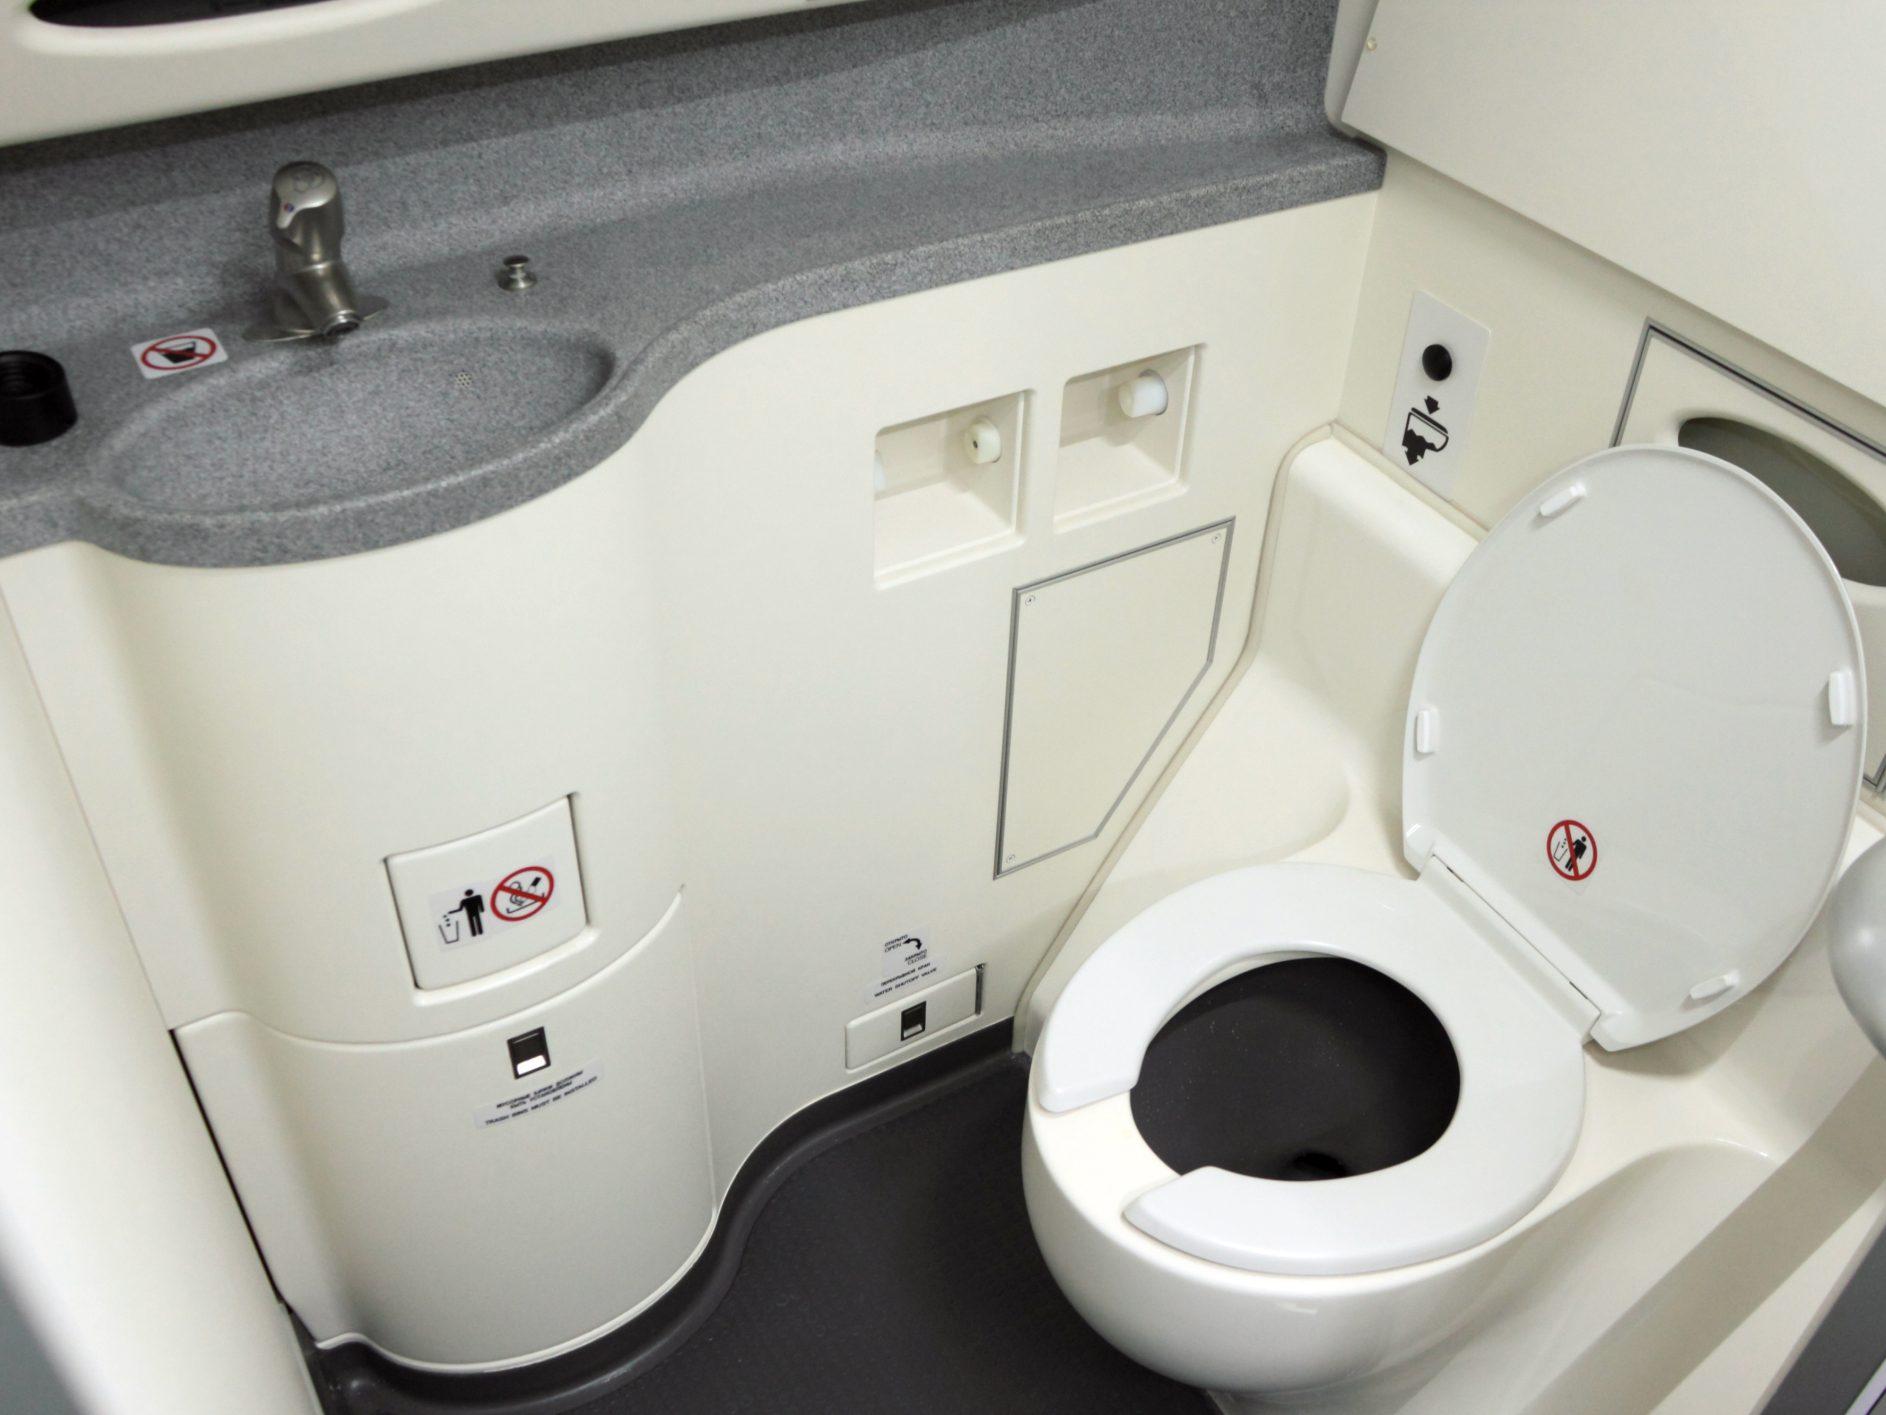 La porte des toilettes peut être déverrouillée de l'extérieur